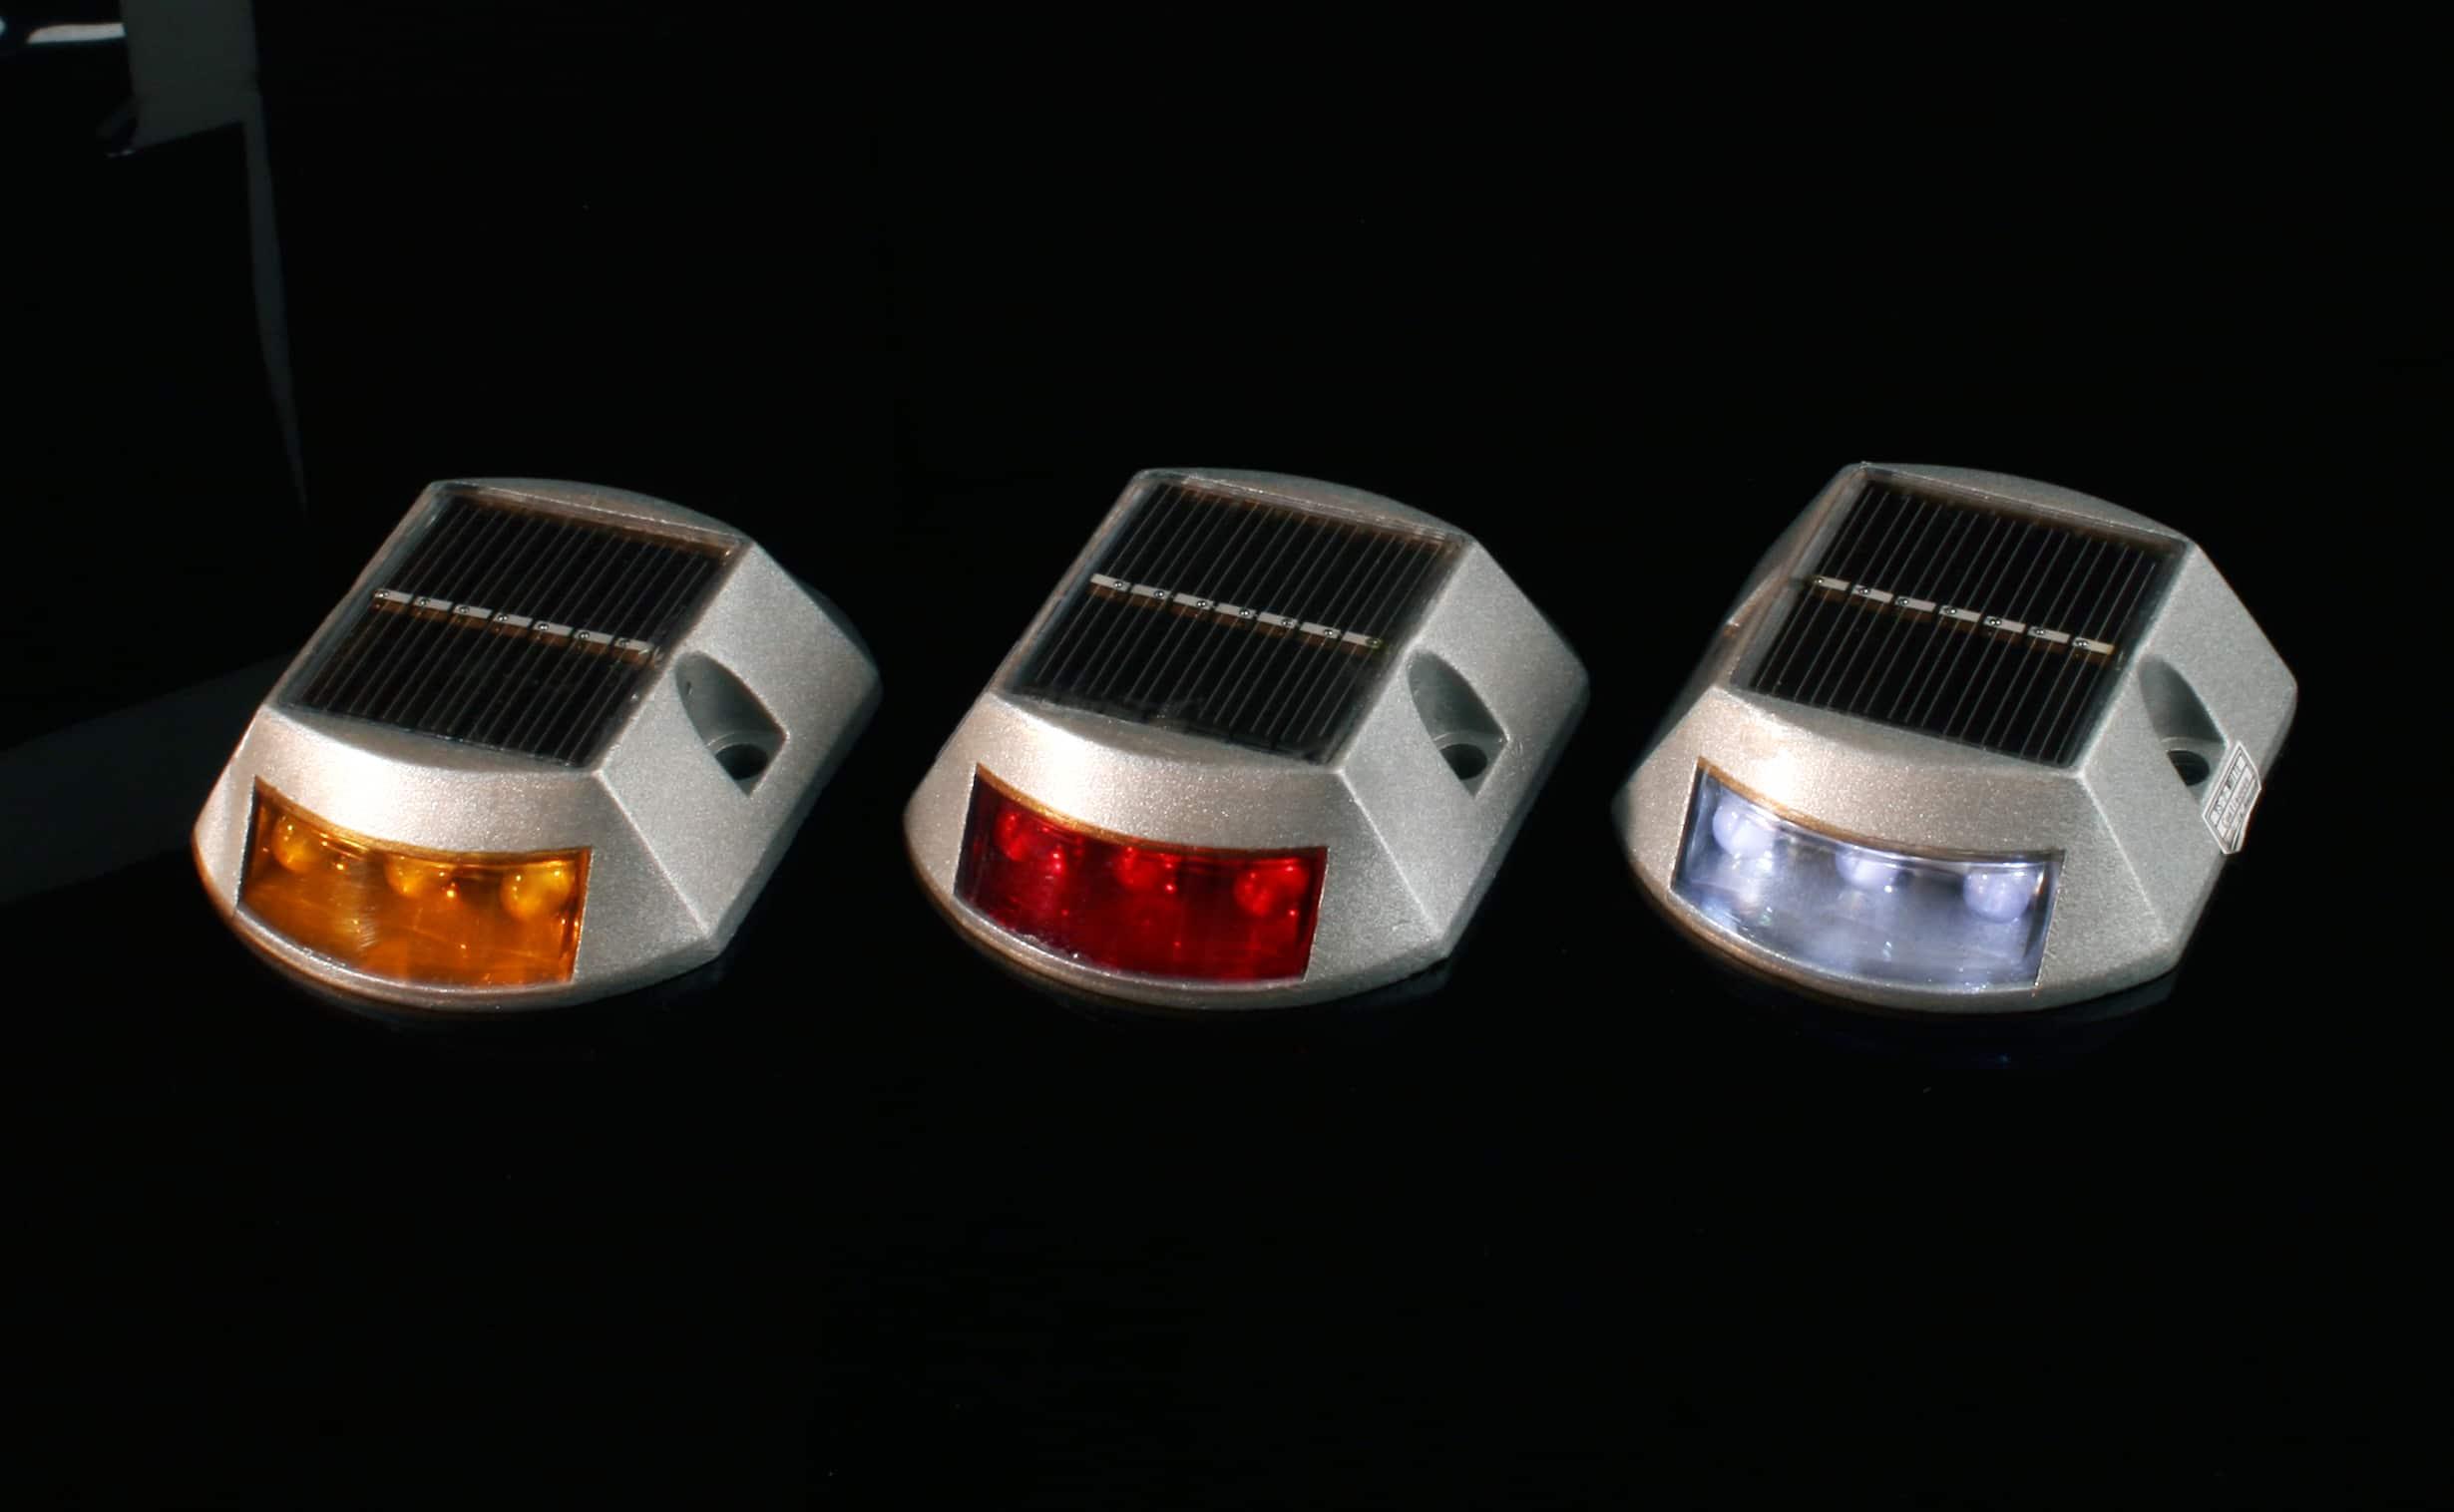 Plot a led solaire m2 balise et plot a led signalisation - Plot de signalisation ...